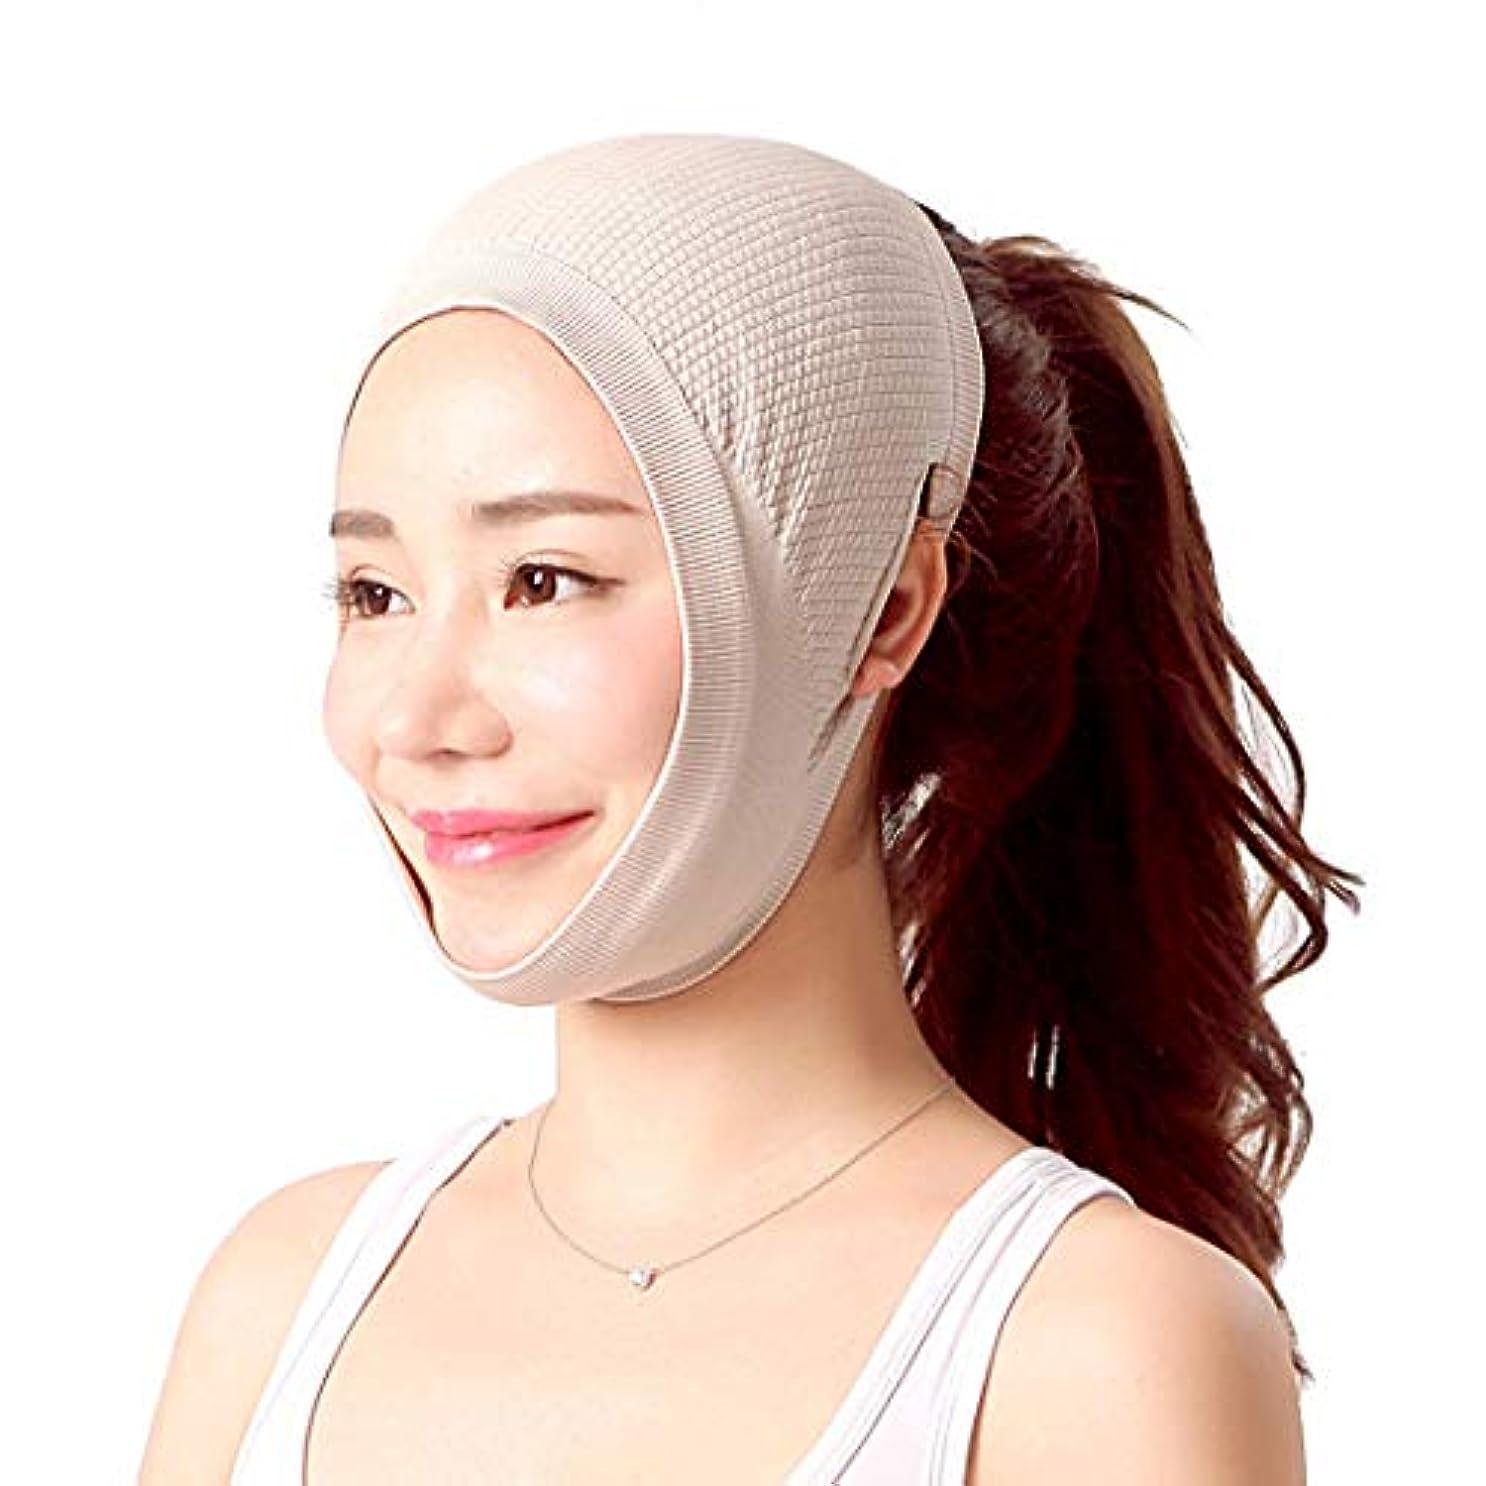 火シャイマインドZWBD フェイスマスク, 減量の包帯を取除くために皮の包帯、二重あごをきつく締めるための顔の包帯が付いている顔の減量のマスクは調節することができます